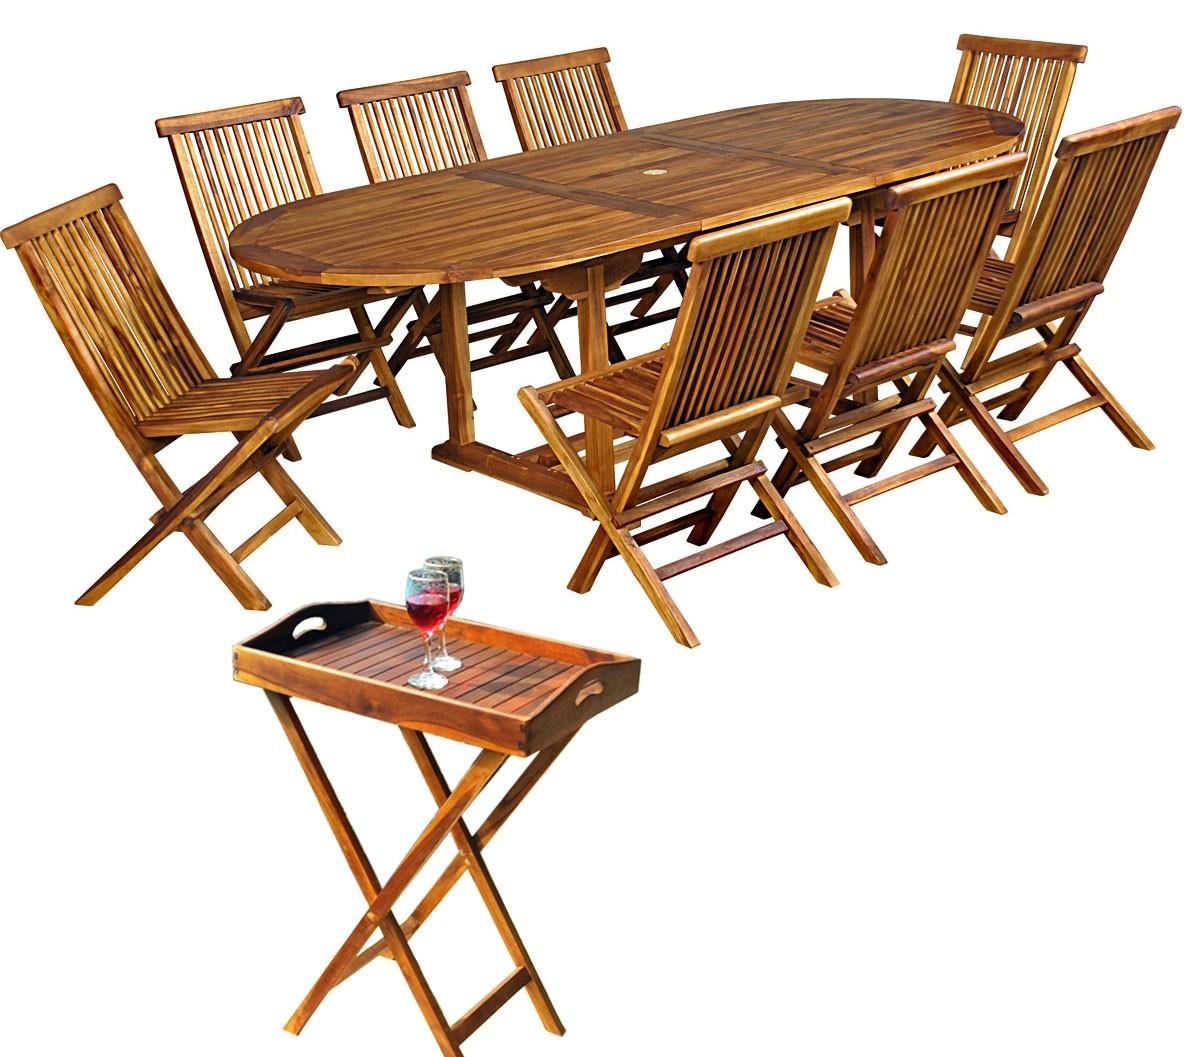 ensemble de jardin en teck propos avec 8 chaises et une table 180 240 cm. Black Bedroom Furniture Sets. Home Design Ideas